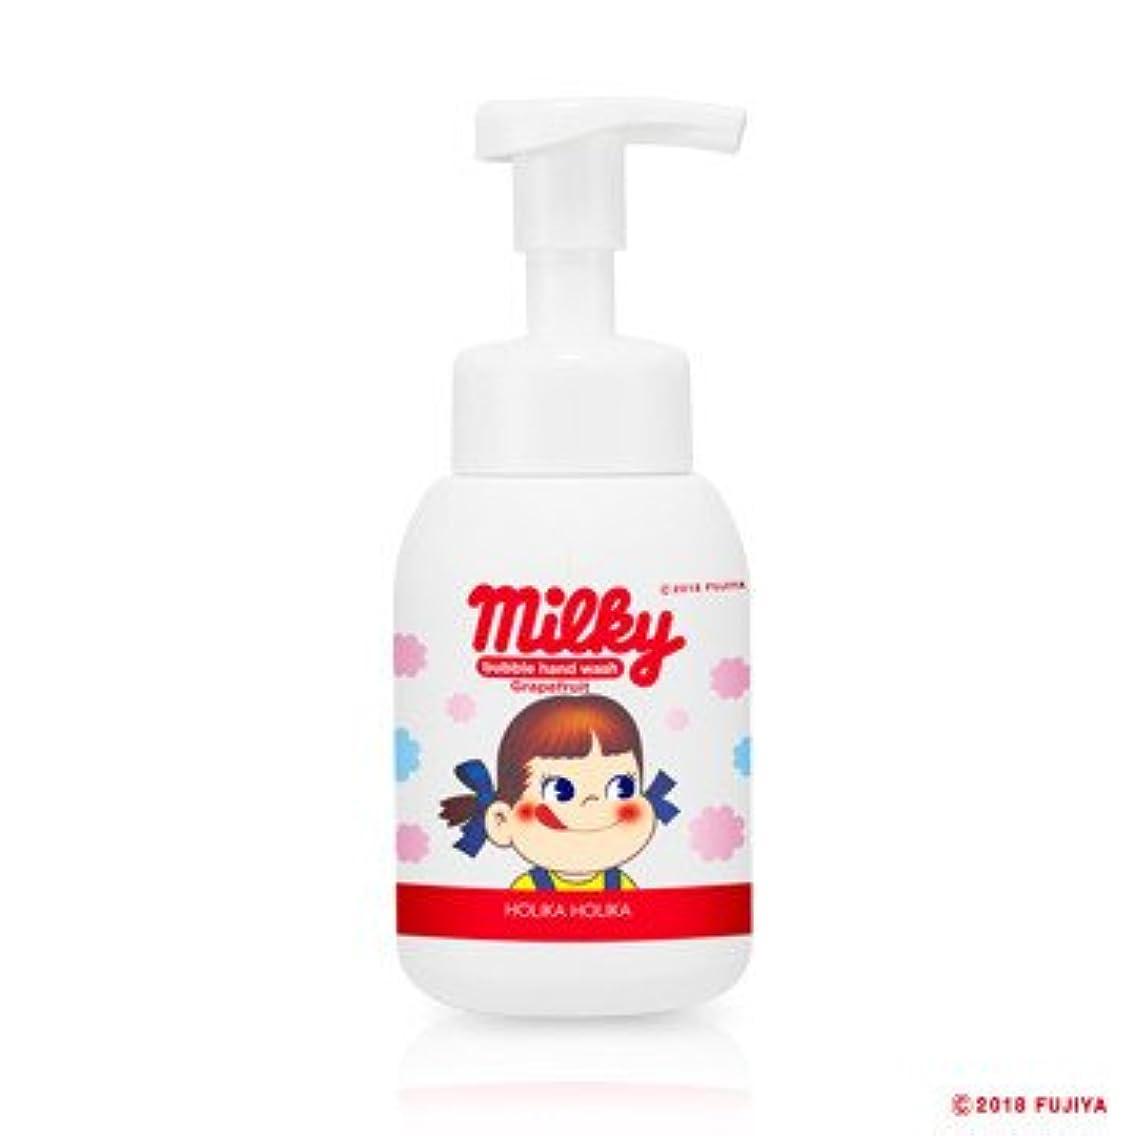 が欲しい交差点埋めるHolika Holika [Sweet Peko Edition] Bubble Hand Wash/ホリカホリカ [スイートペコエディション] バブルハンドウォッシュ 250ml [並行輸入品]